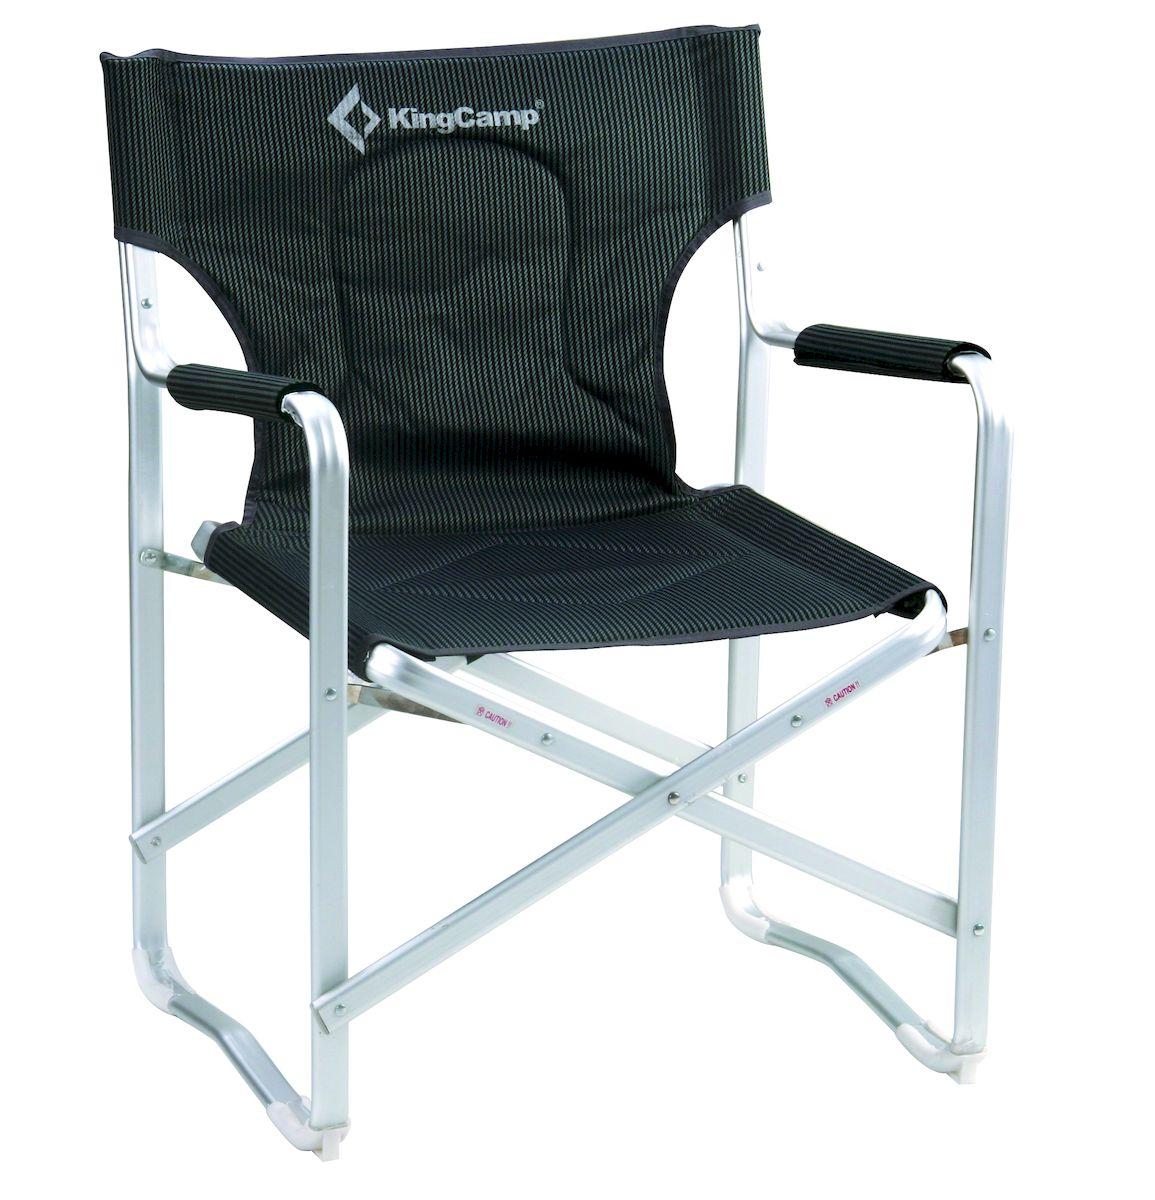 Кресло складное KingCamp DIRECTOR DELUX KC3811, цвет: черно-серыйУТ-000049511DELUXE DIRECTOR CHAIR Кресло складное с подлокотниками с алюминиевой рамой Артикул KС3811 Размеры: ширина 63 см (сиденье 54 см) глубина 53 см высота 84 см (сиденье 43 см) Упаковка: 85 х 25 х 14 см Вес: 3,5 кг Каркас: алюминий Ткань: полиэстер 1200D Oxford PVC